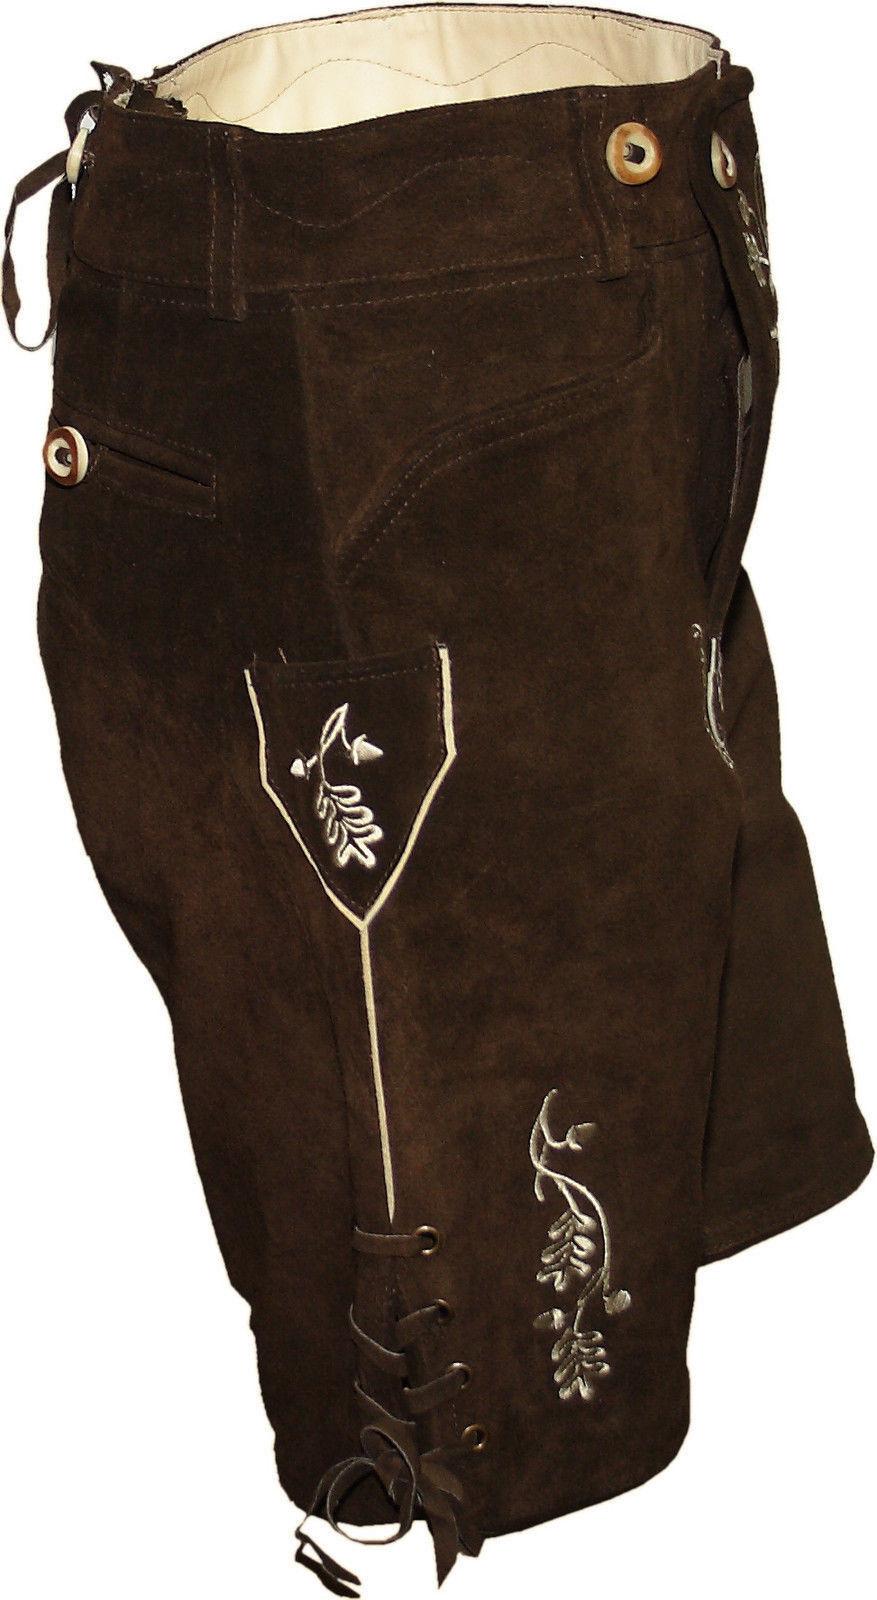 Kurze Trachtenlederhose Trachtenlederhose Trachtenlederhose Stegträger Lederhose braun   Verschiedene Waren  5294a9